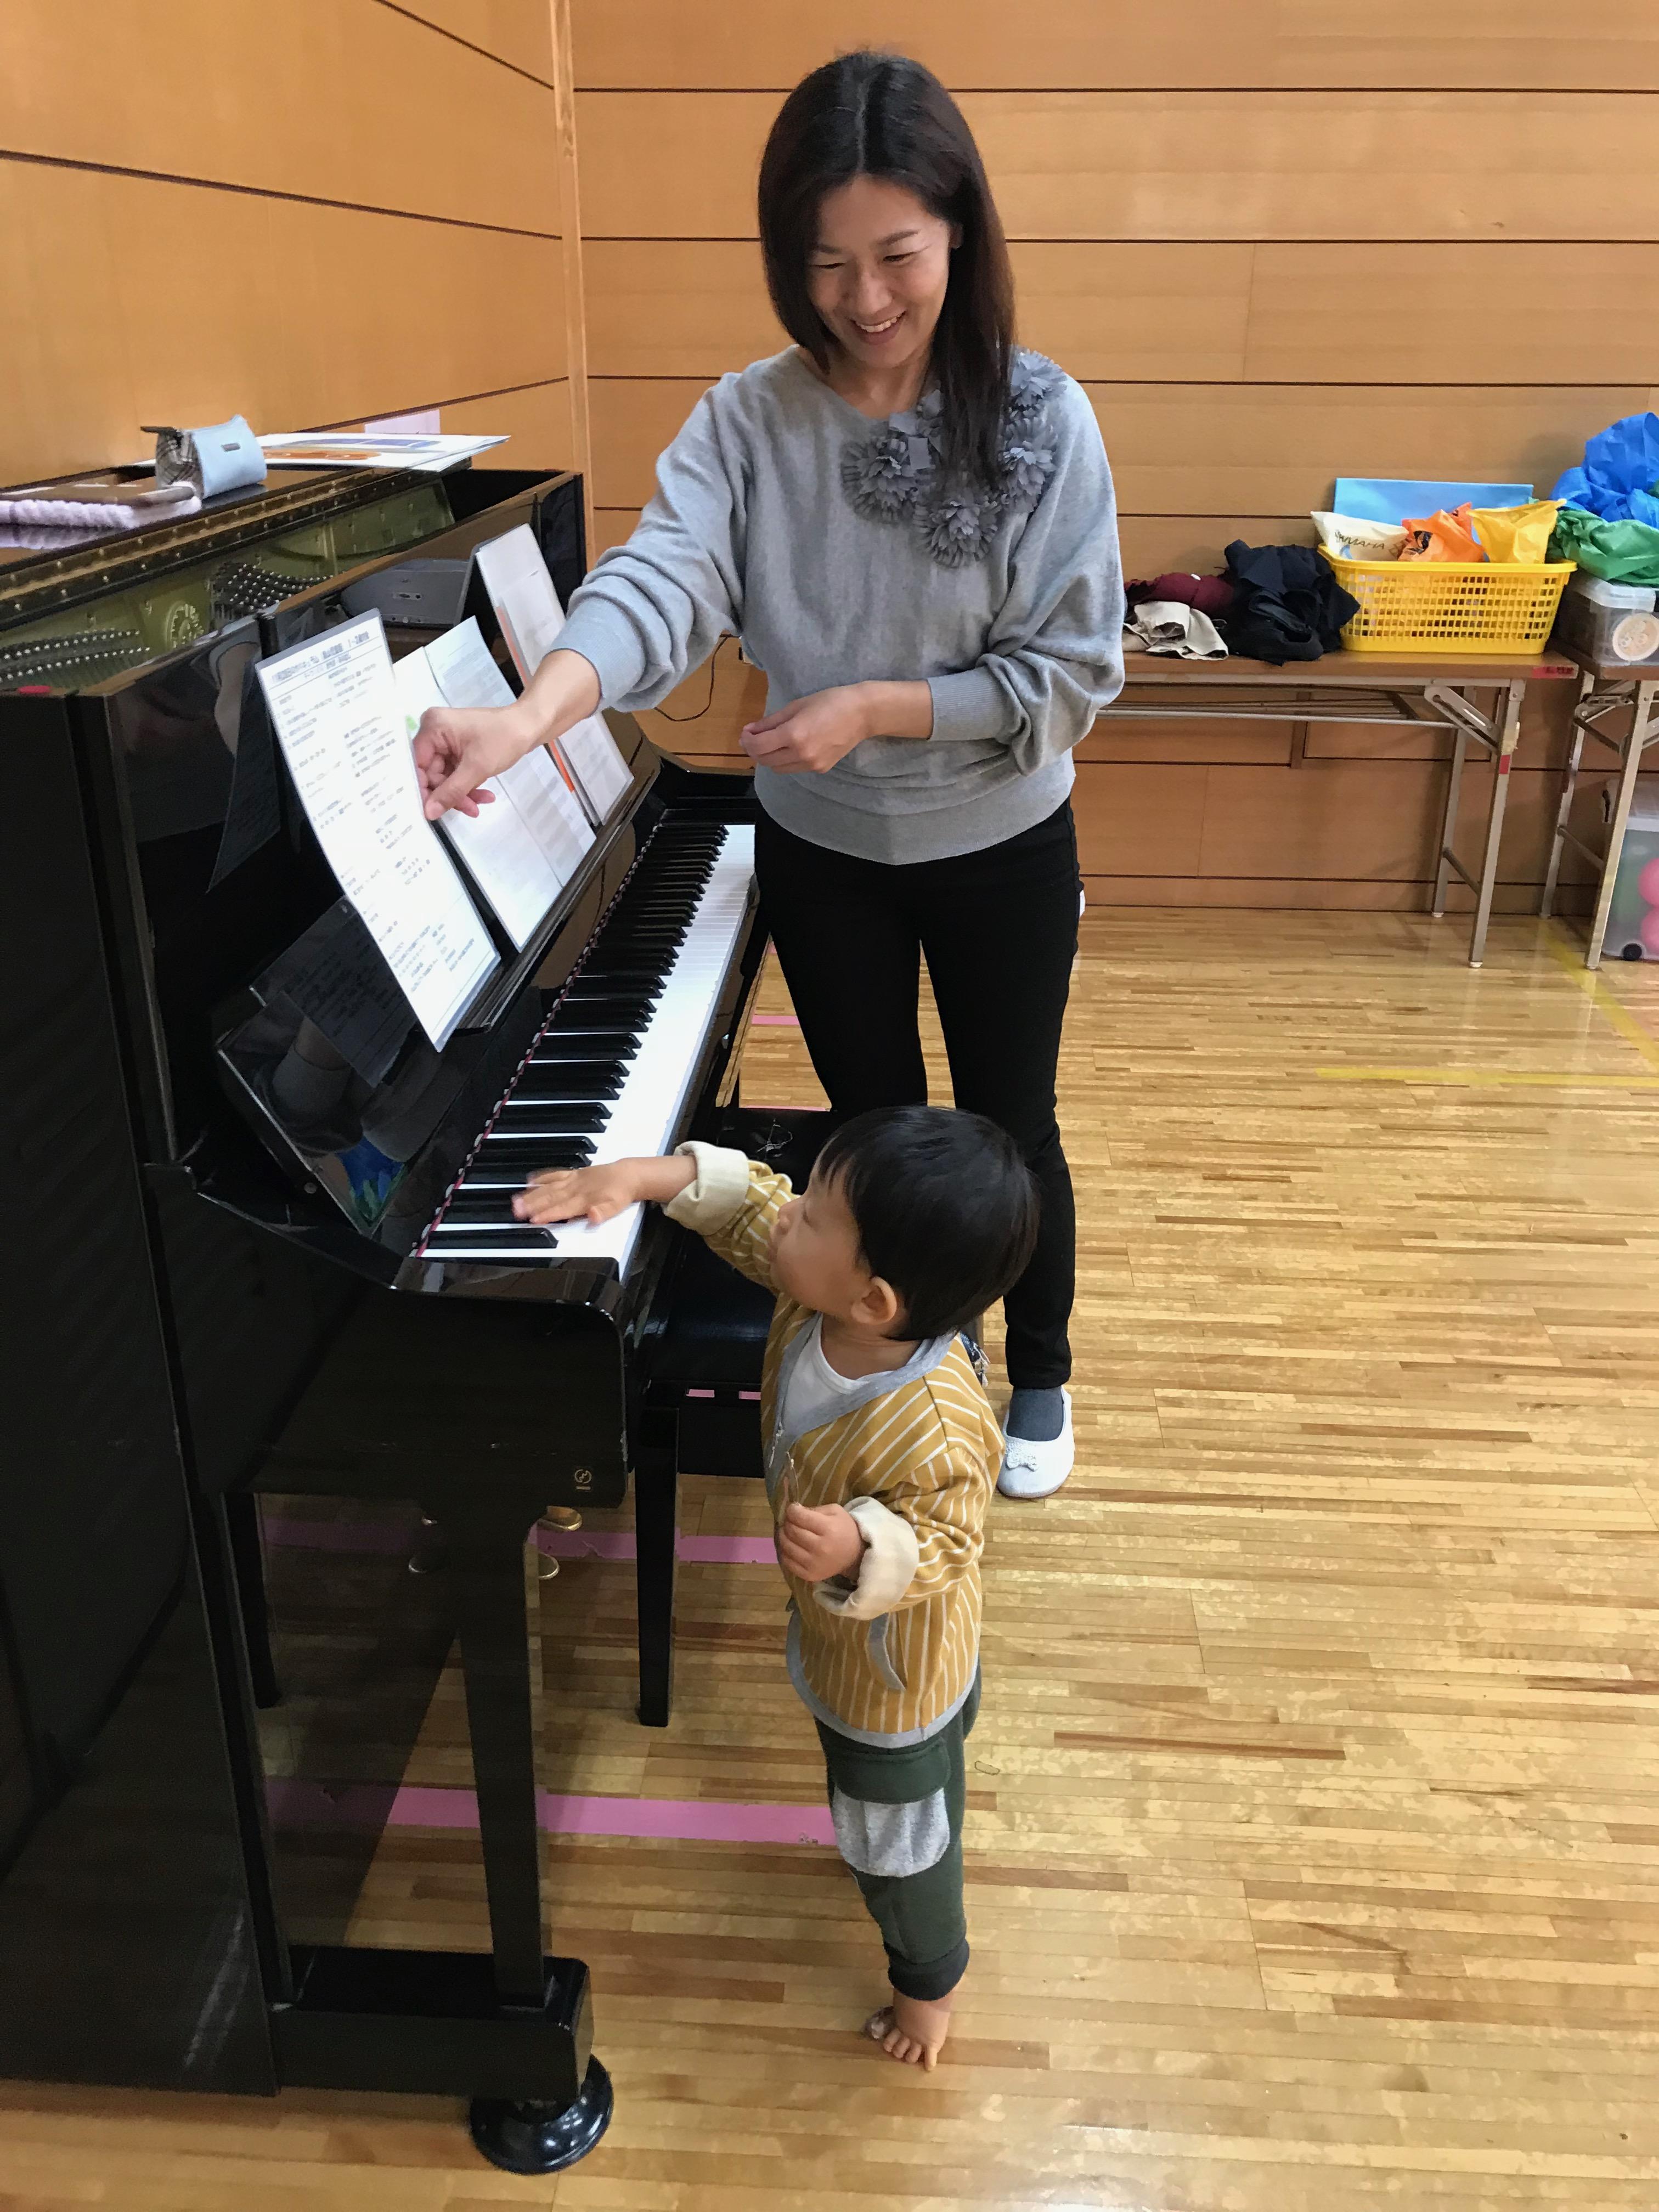 伴奏を務めた先生が、興味しんしんな様子でピアノ鍵盤に触れる男の子を笑顔で見守っています。